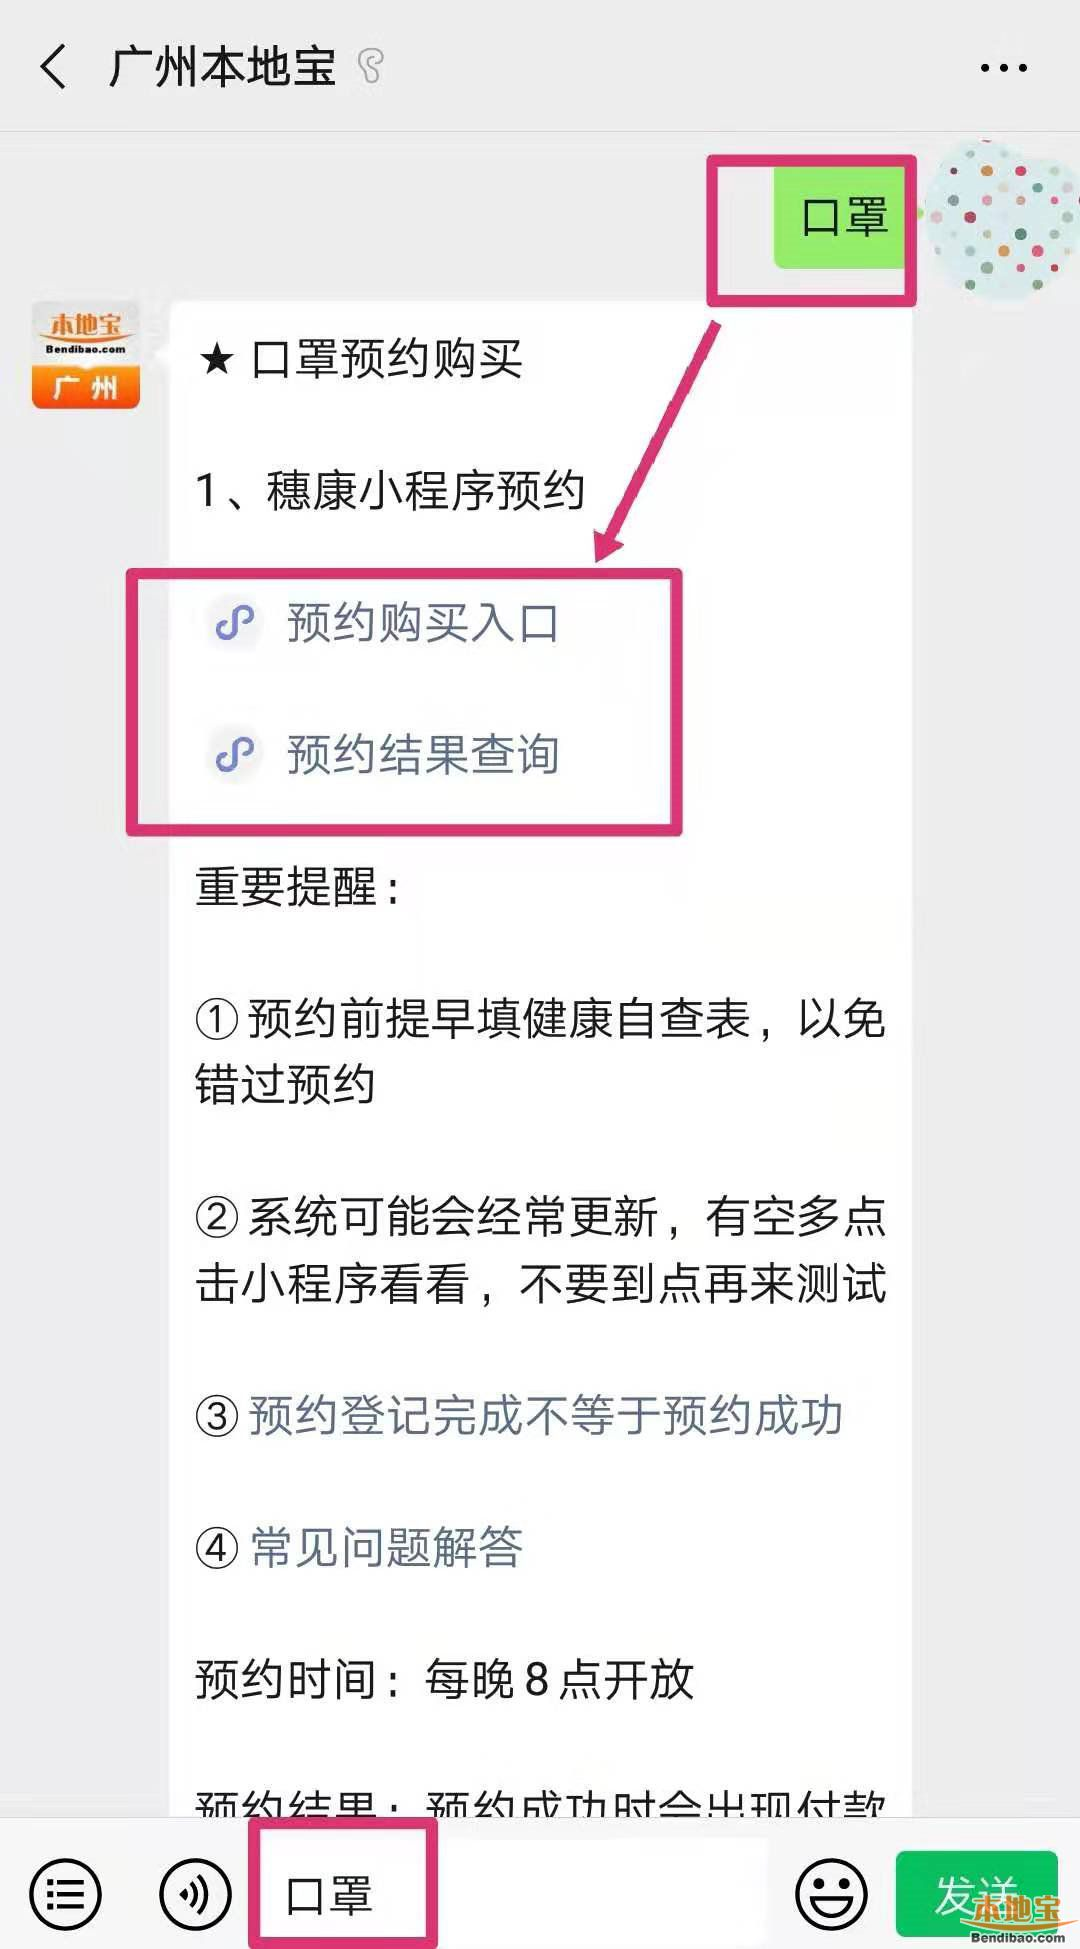 广州穗康口罩预约登记摇号流程